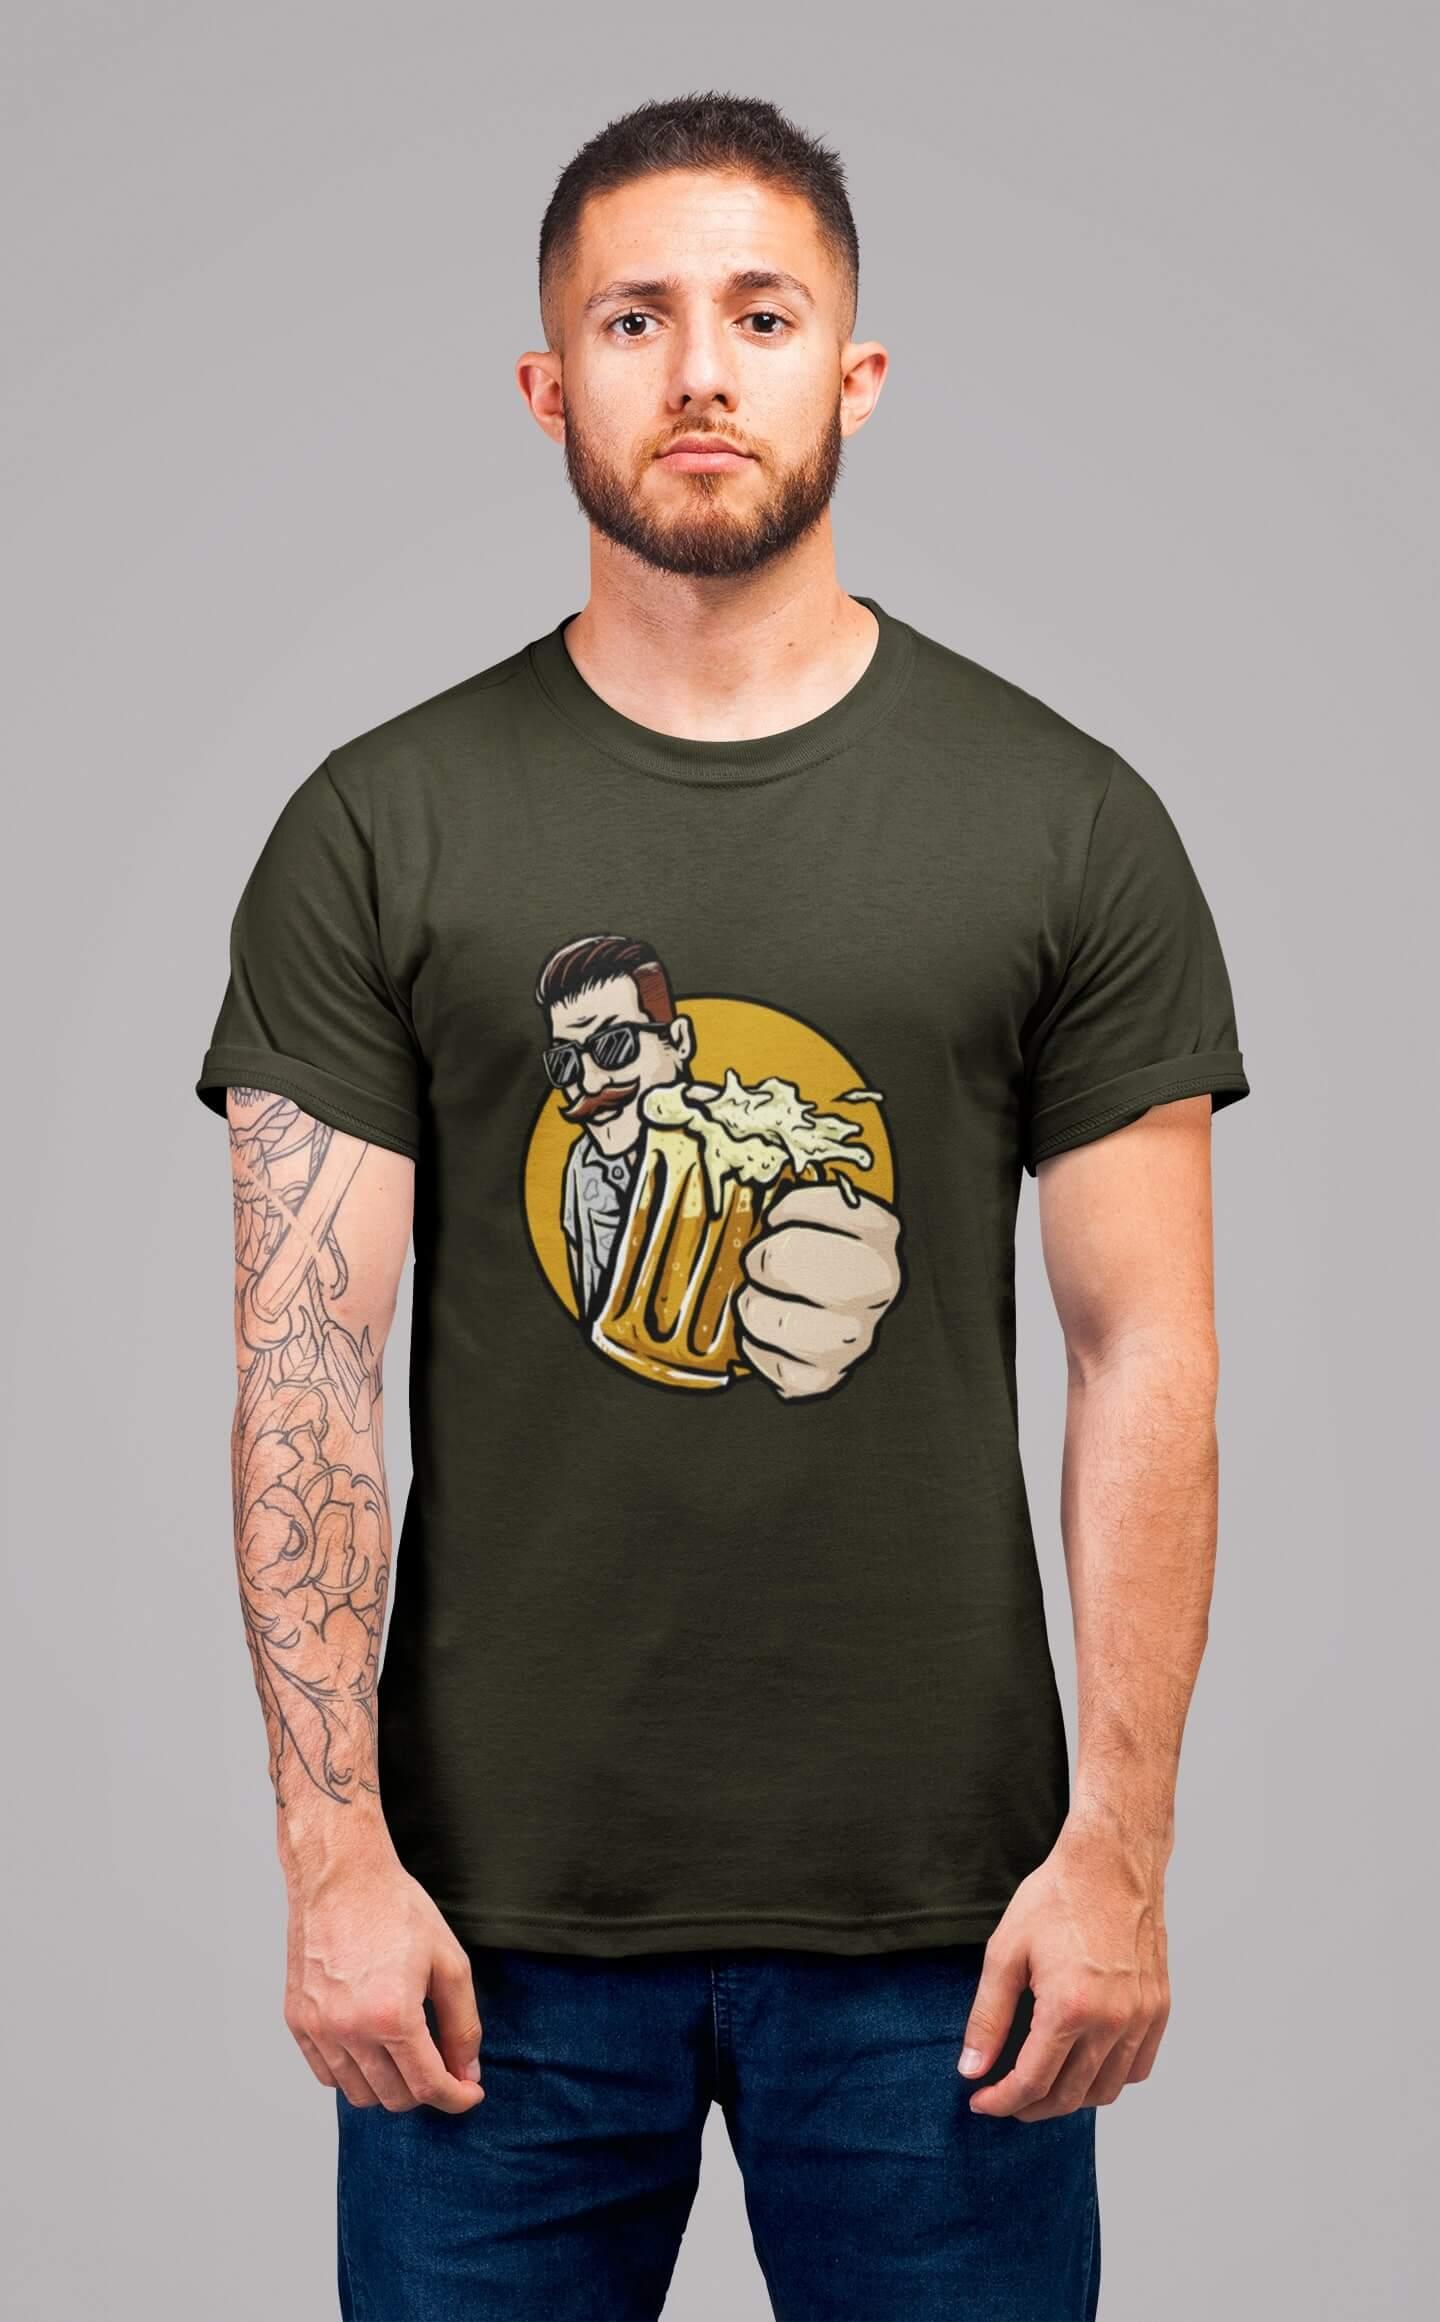 MMO Pánske tričko Chlap s pivom v ruke Vyberte farbu: Military, Vyberte veľkosť: L